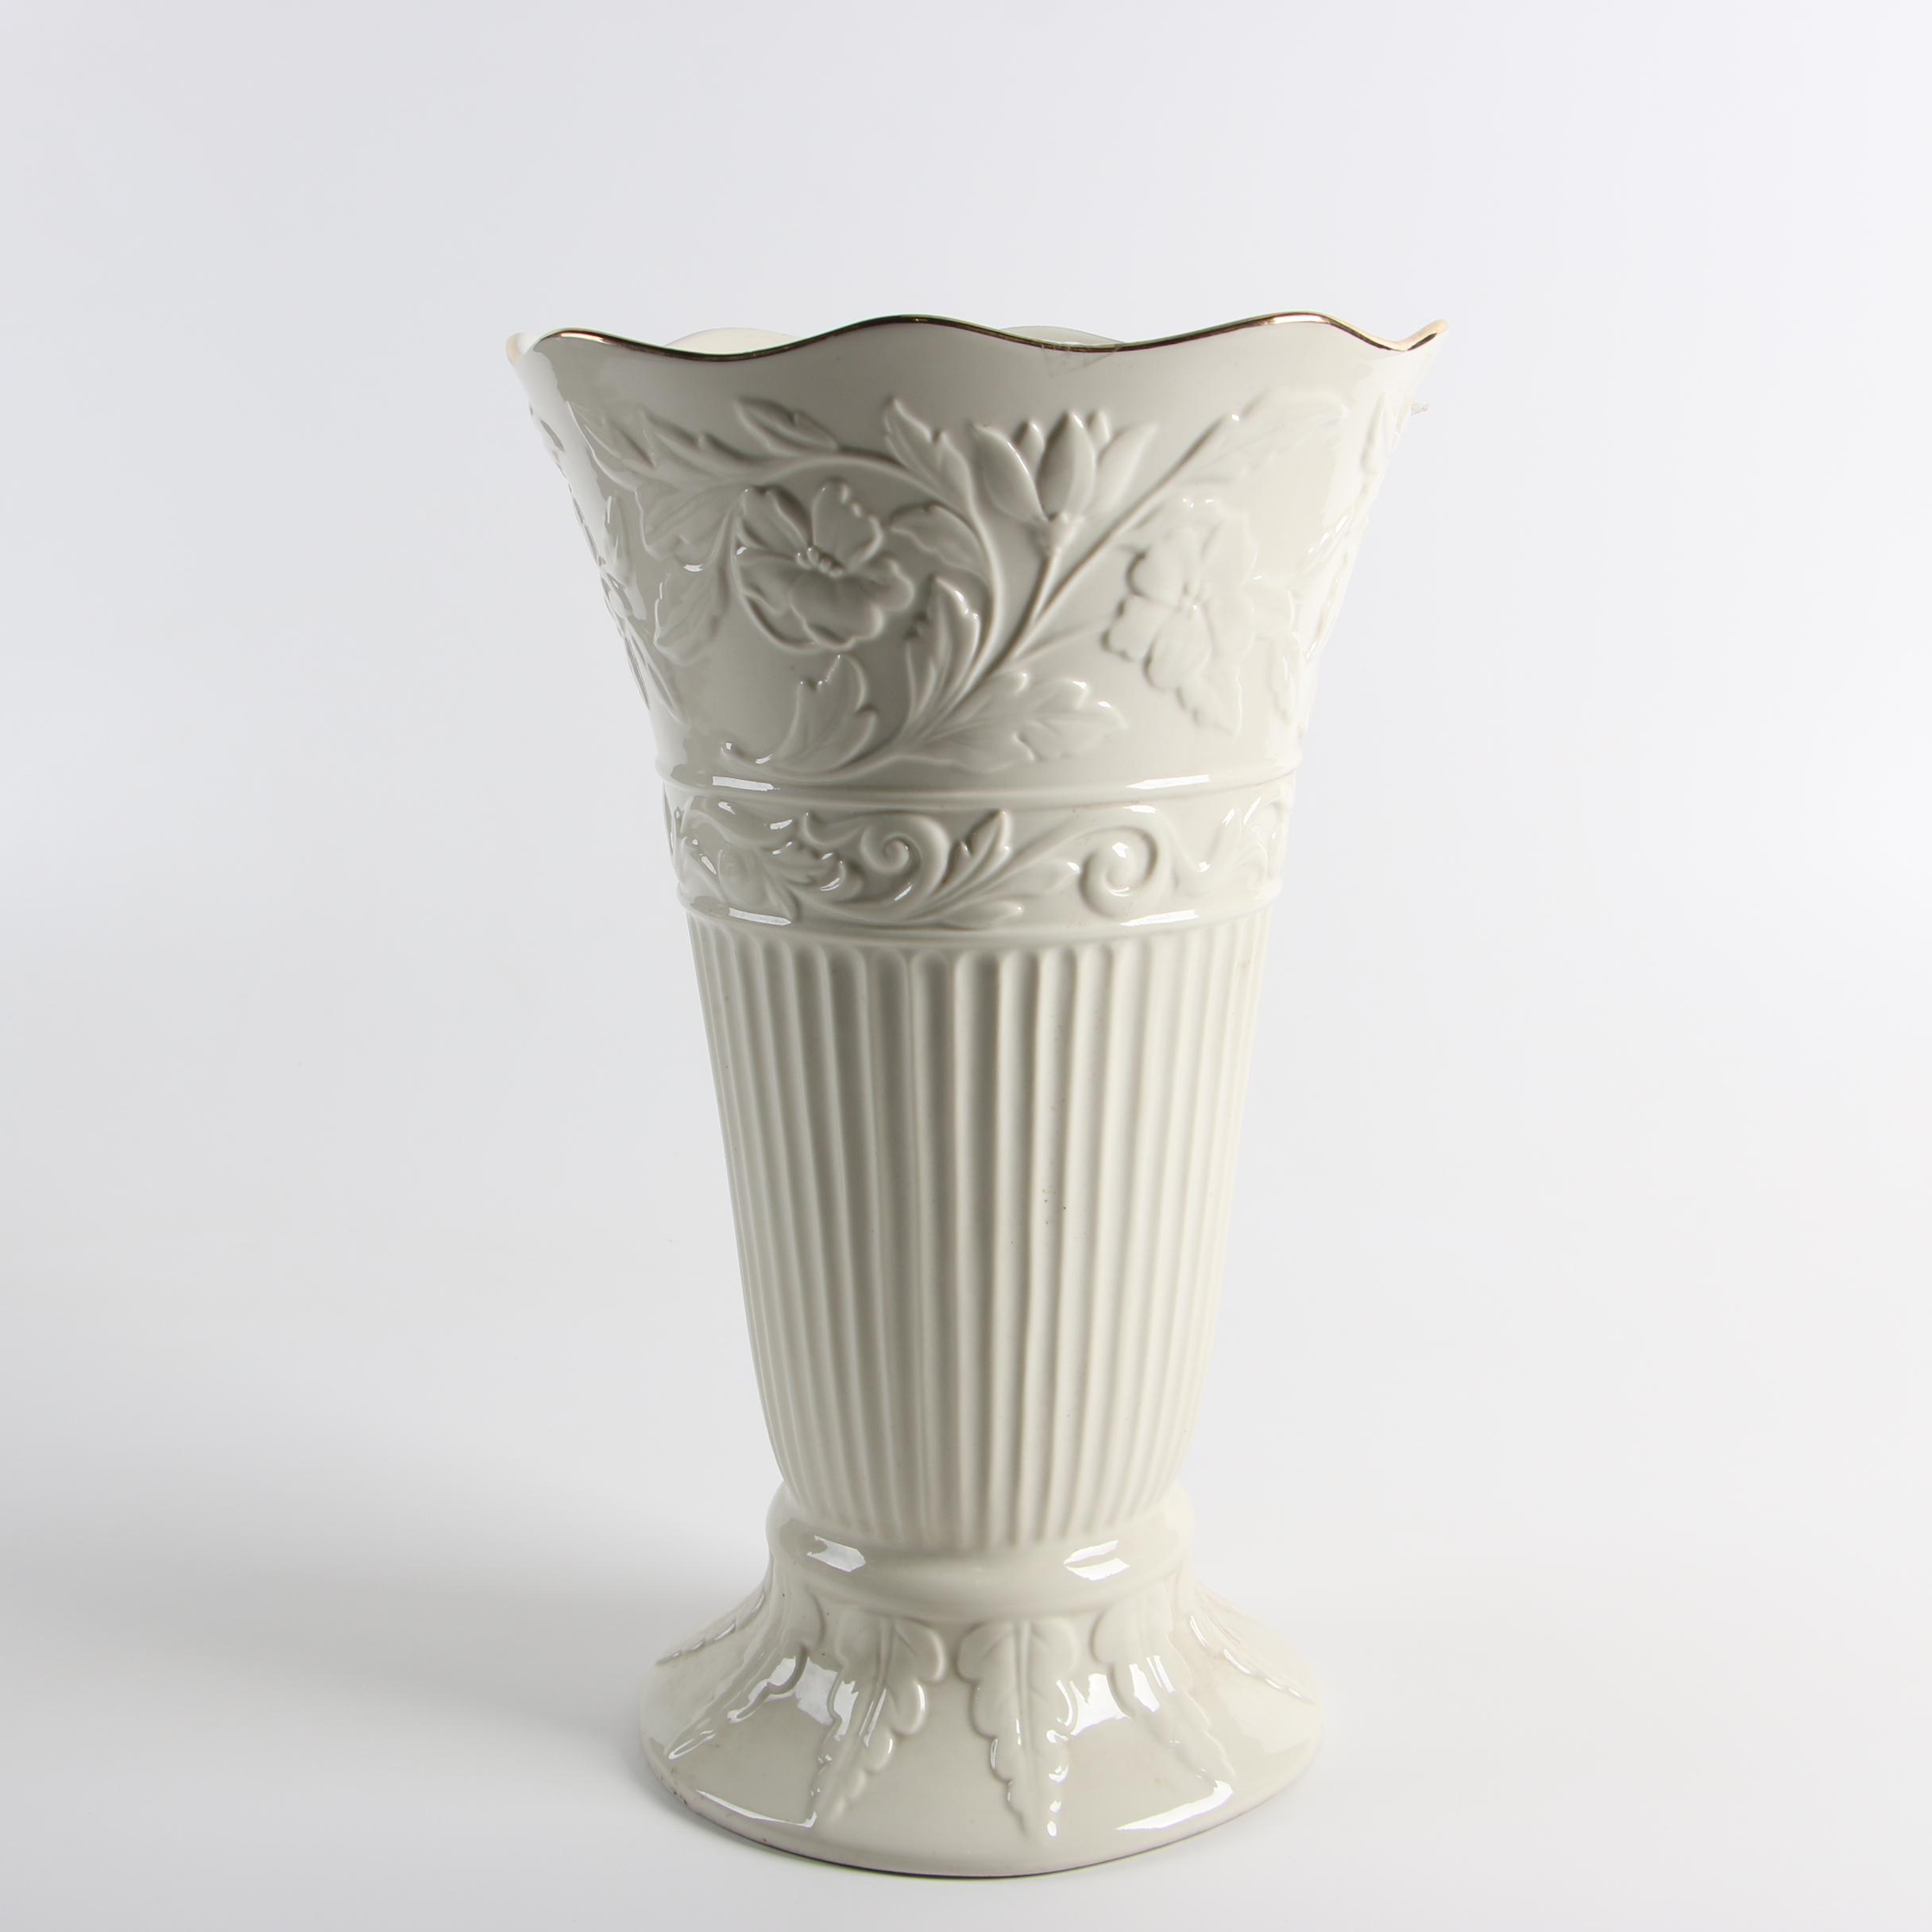 Lenox Ivory Porcelain Vase, 20th Century